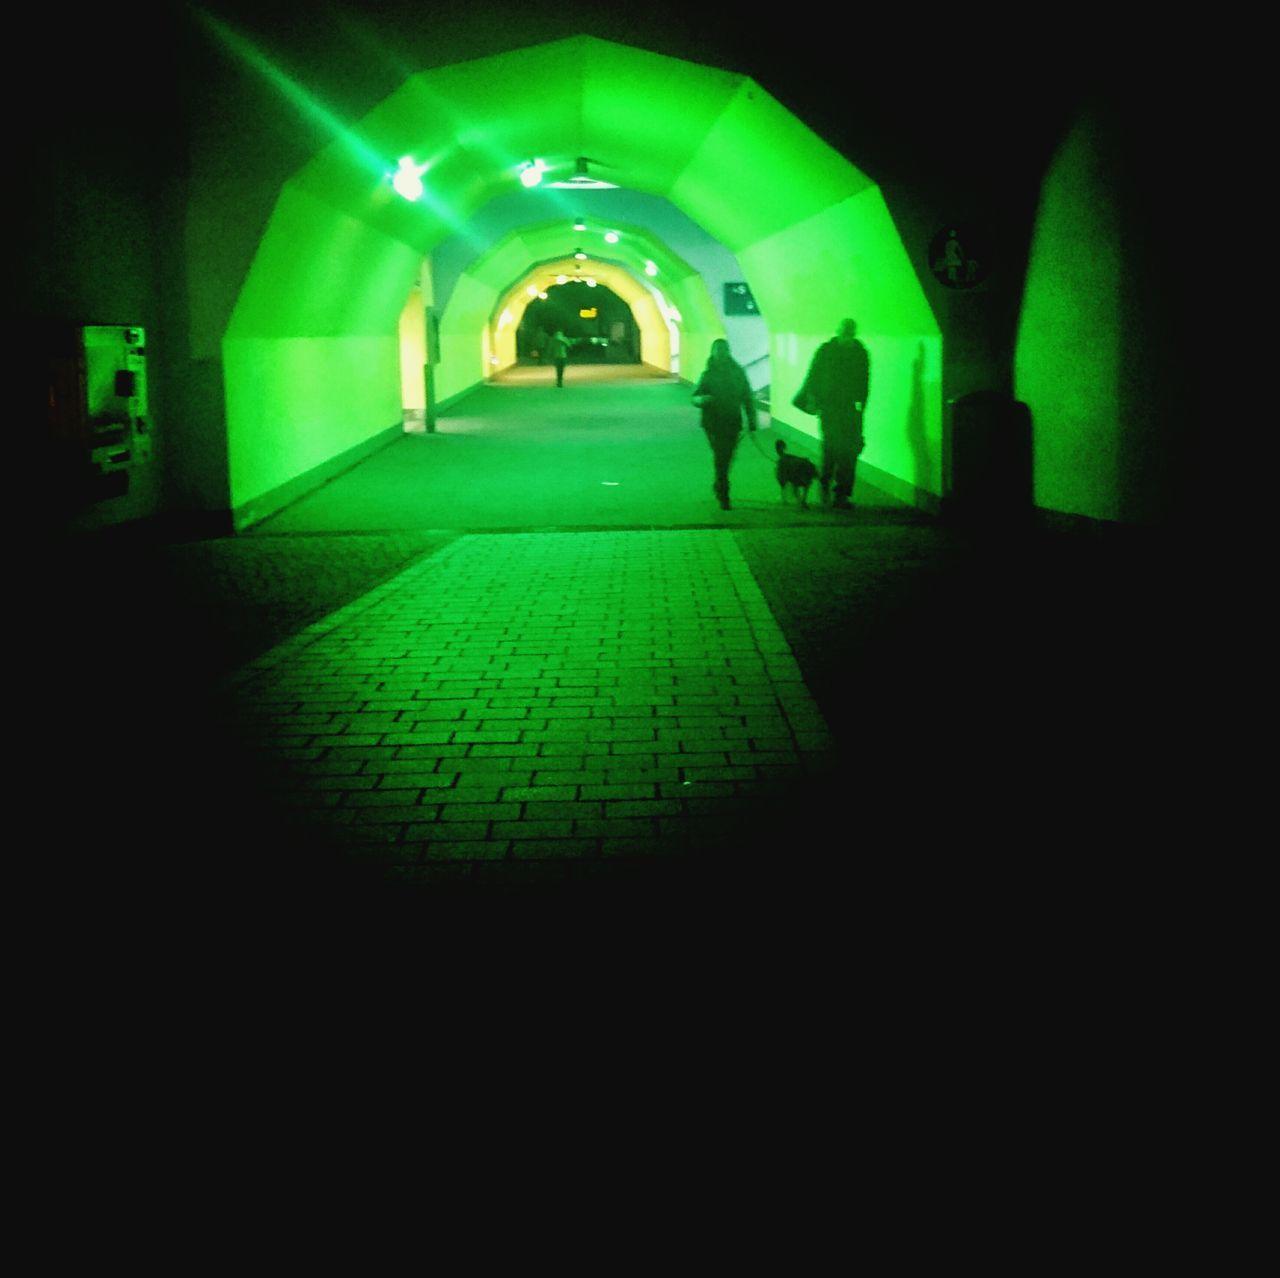 Es grünt so grün, wenn Green Light Grün In Der Stadt grünt. Nightphotography Tunnel AMPt_community Dreaming